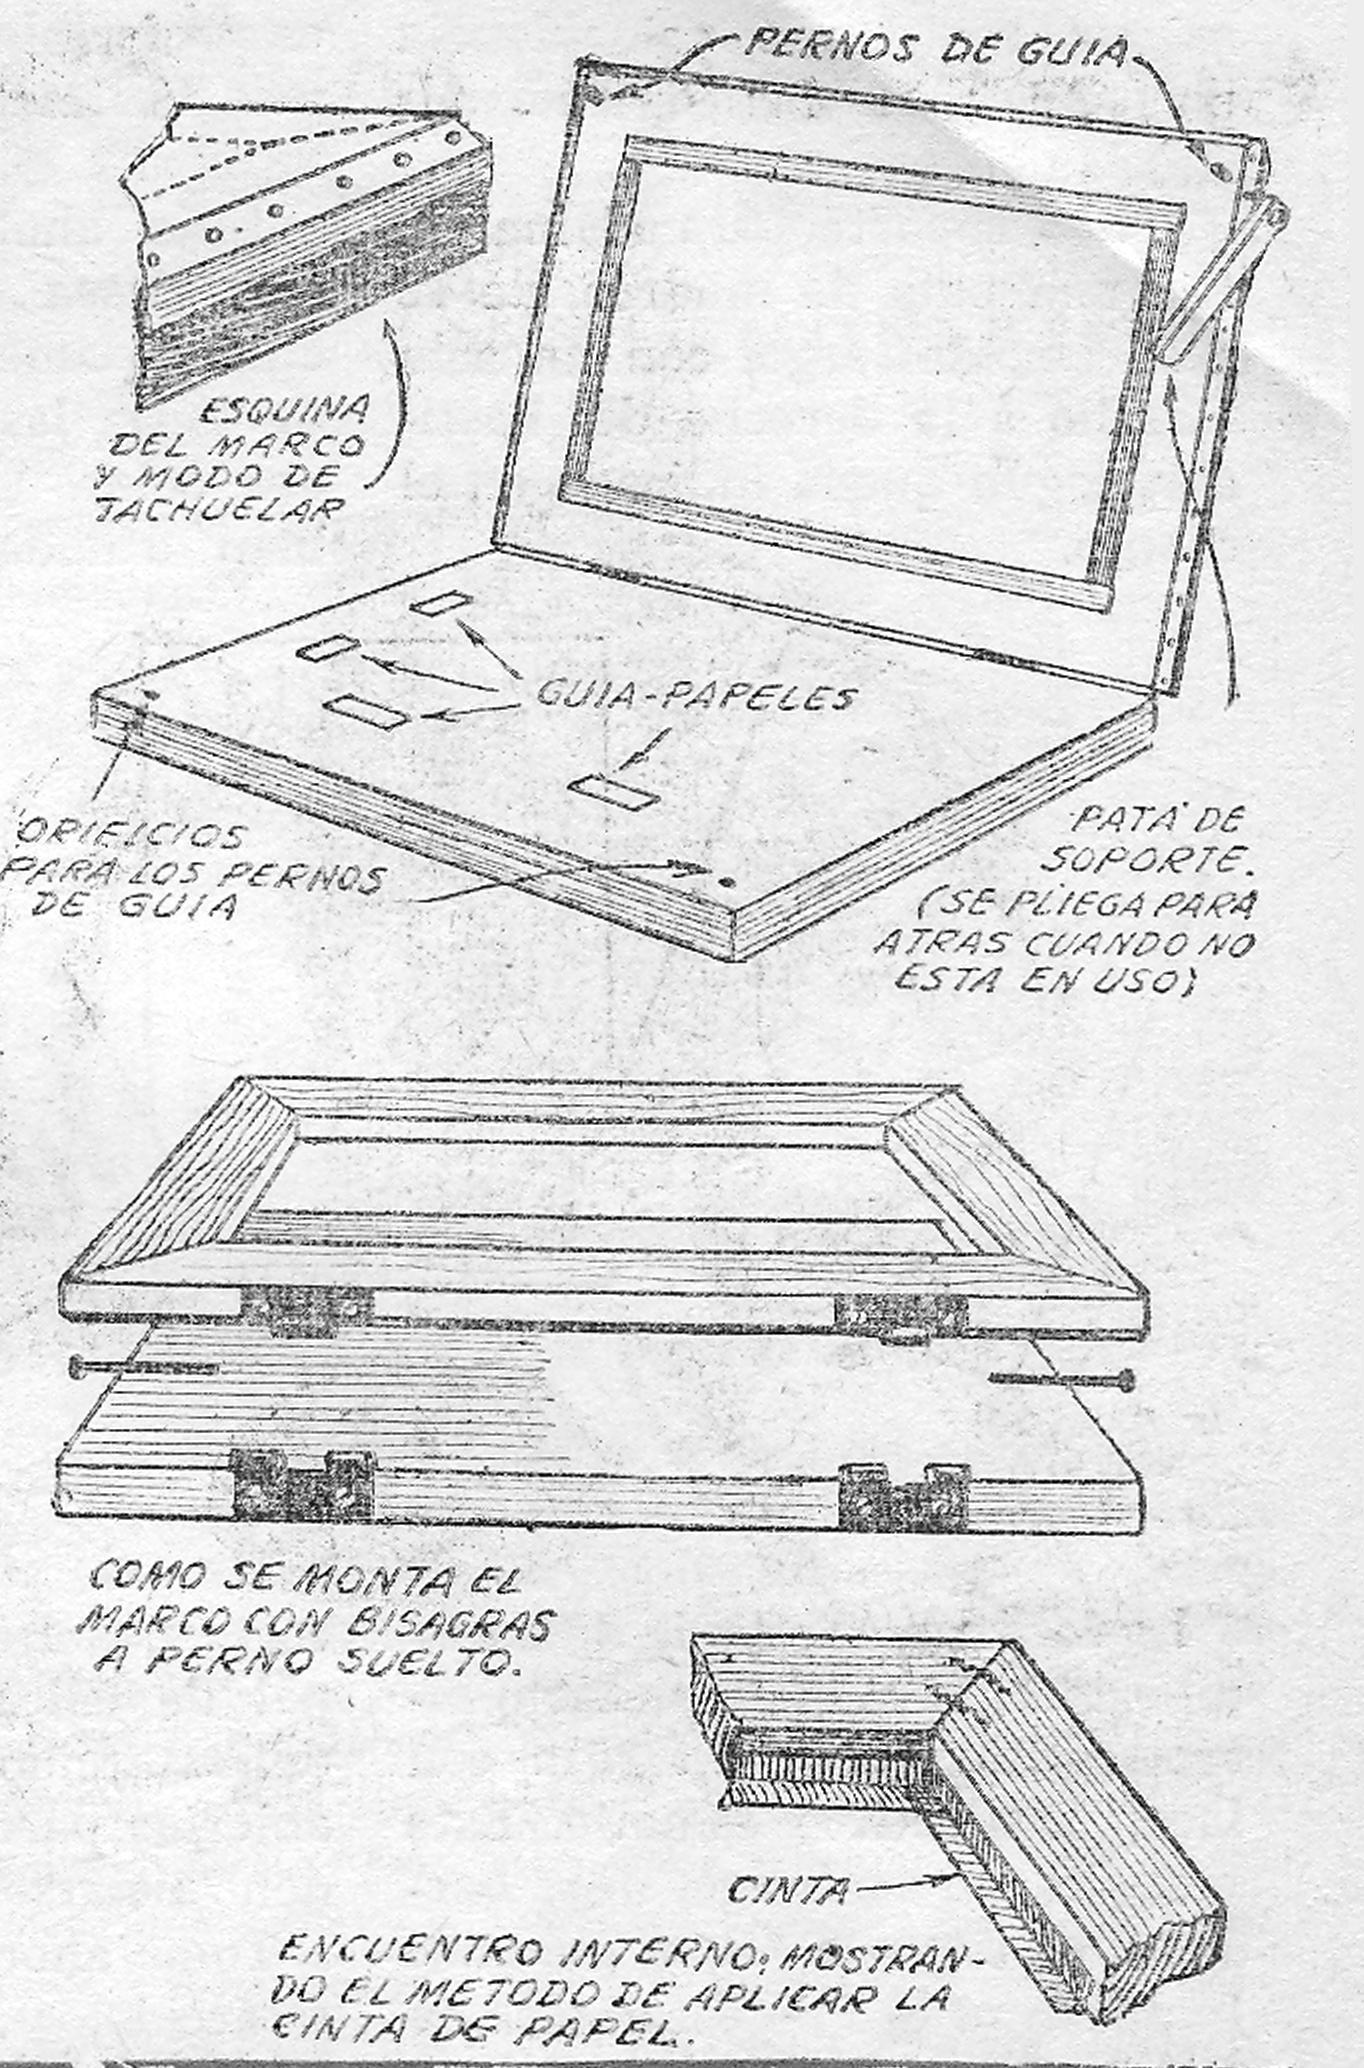 SERIGRAFIA ARTESANAL BARCELONA D.I.Y.: Como hacer AFICHES Y CARTELES ...